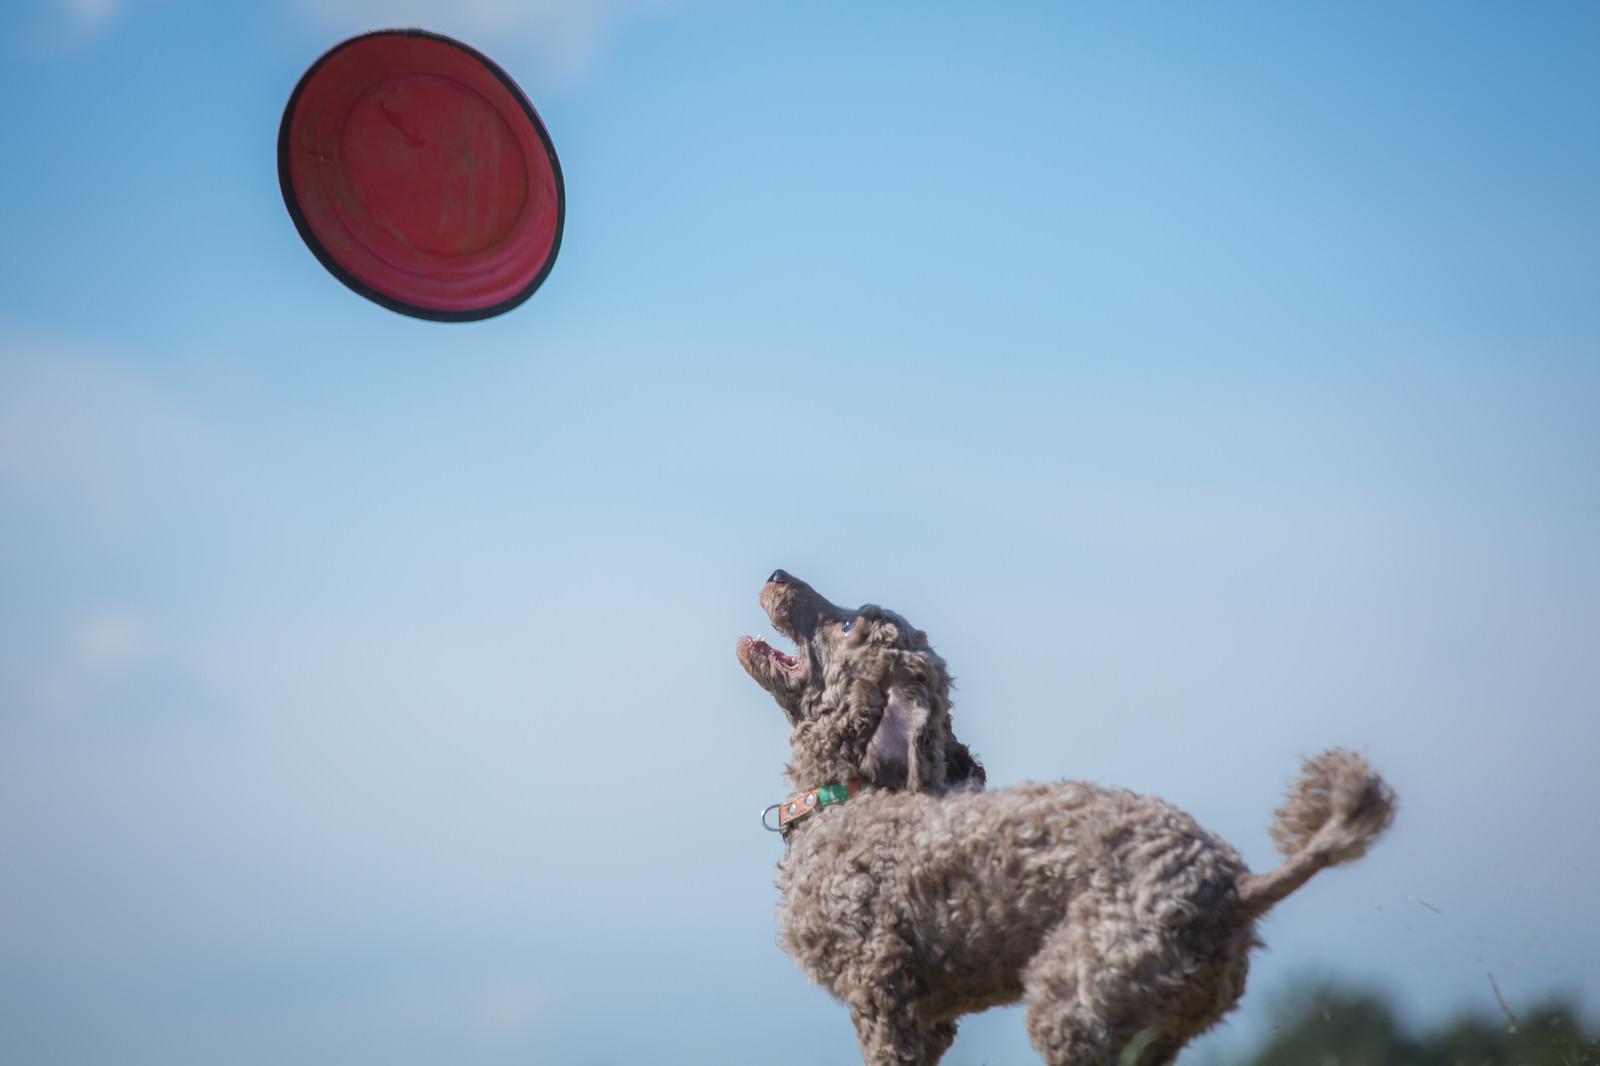 「飛んできたフリスビーをキャッチしようと構えるわんちゃん飛んできたフリスビーをキャッチしようと構えるわんちゃん」のフリー写真素材を拡大